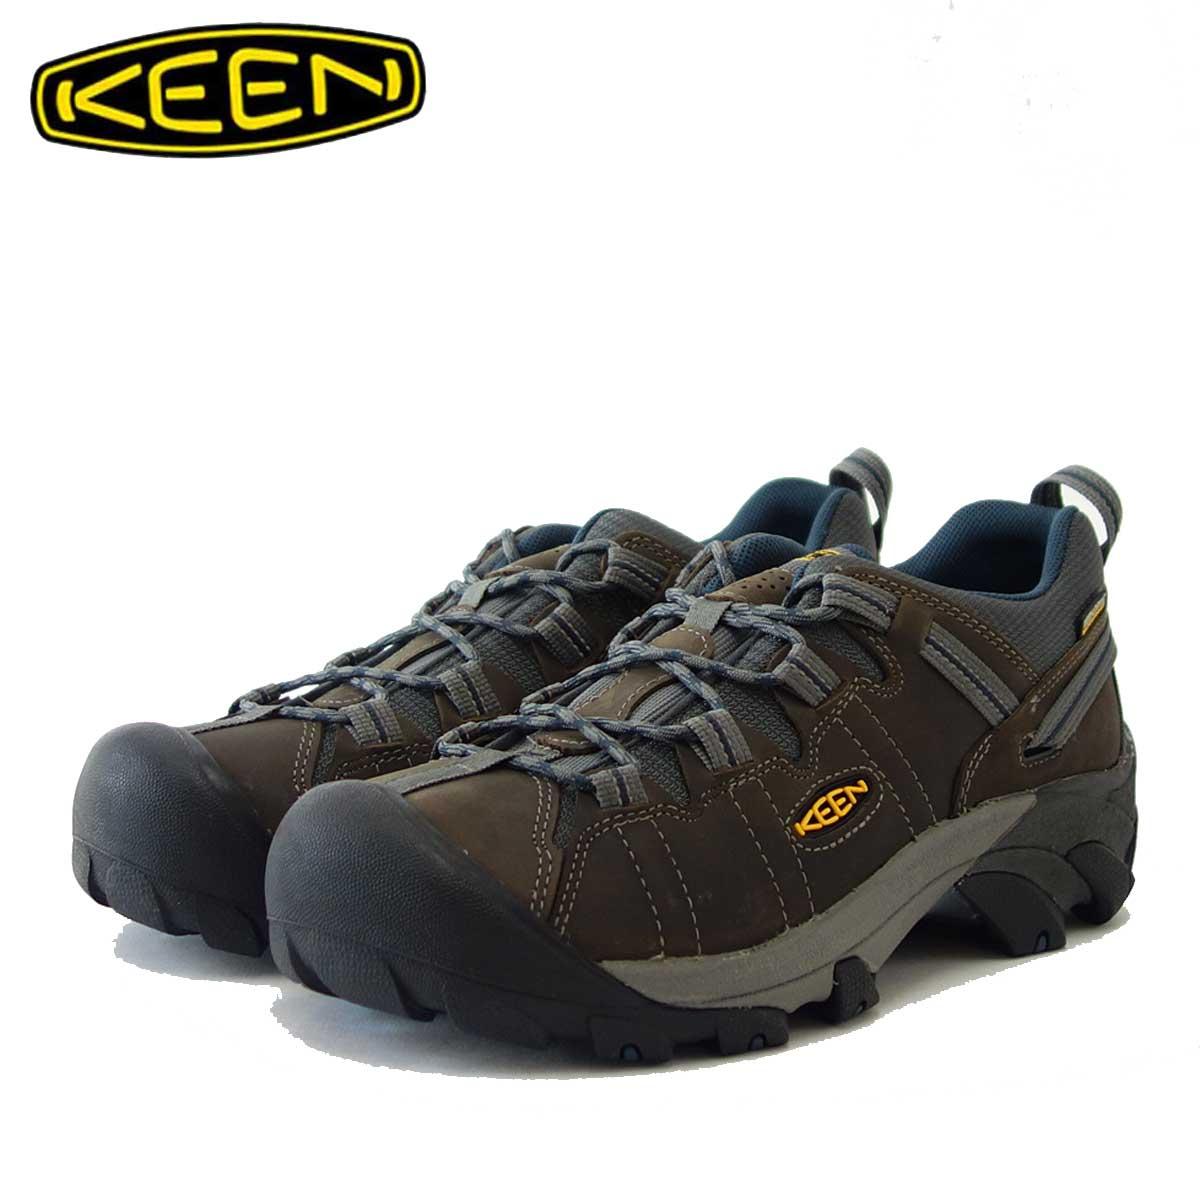 KEEN キーン JTARGHEE II ターギー2 WP 1002363(メンズ)カラー:Gargoyle / Midnight Navy「靴」